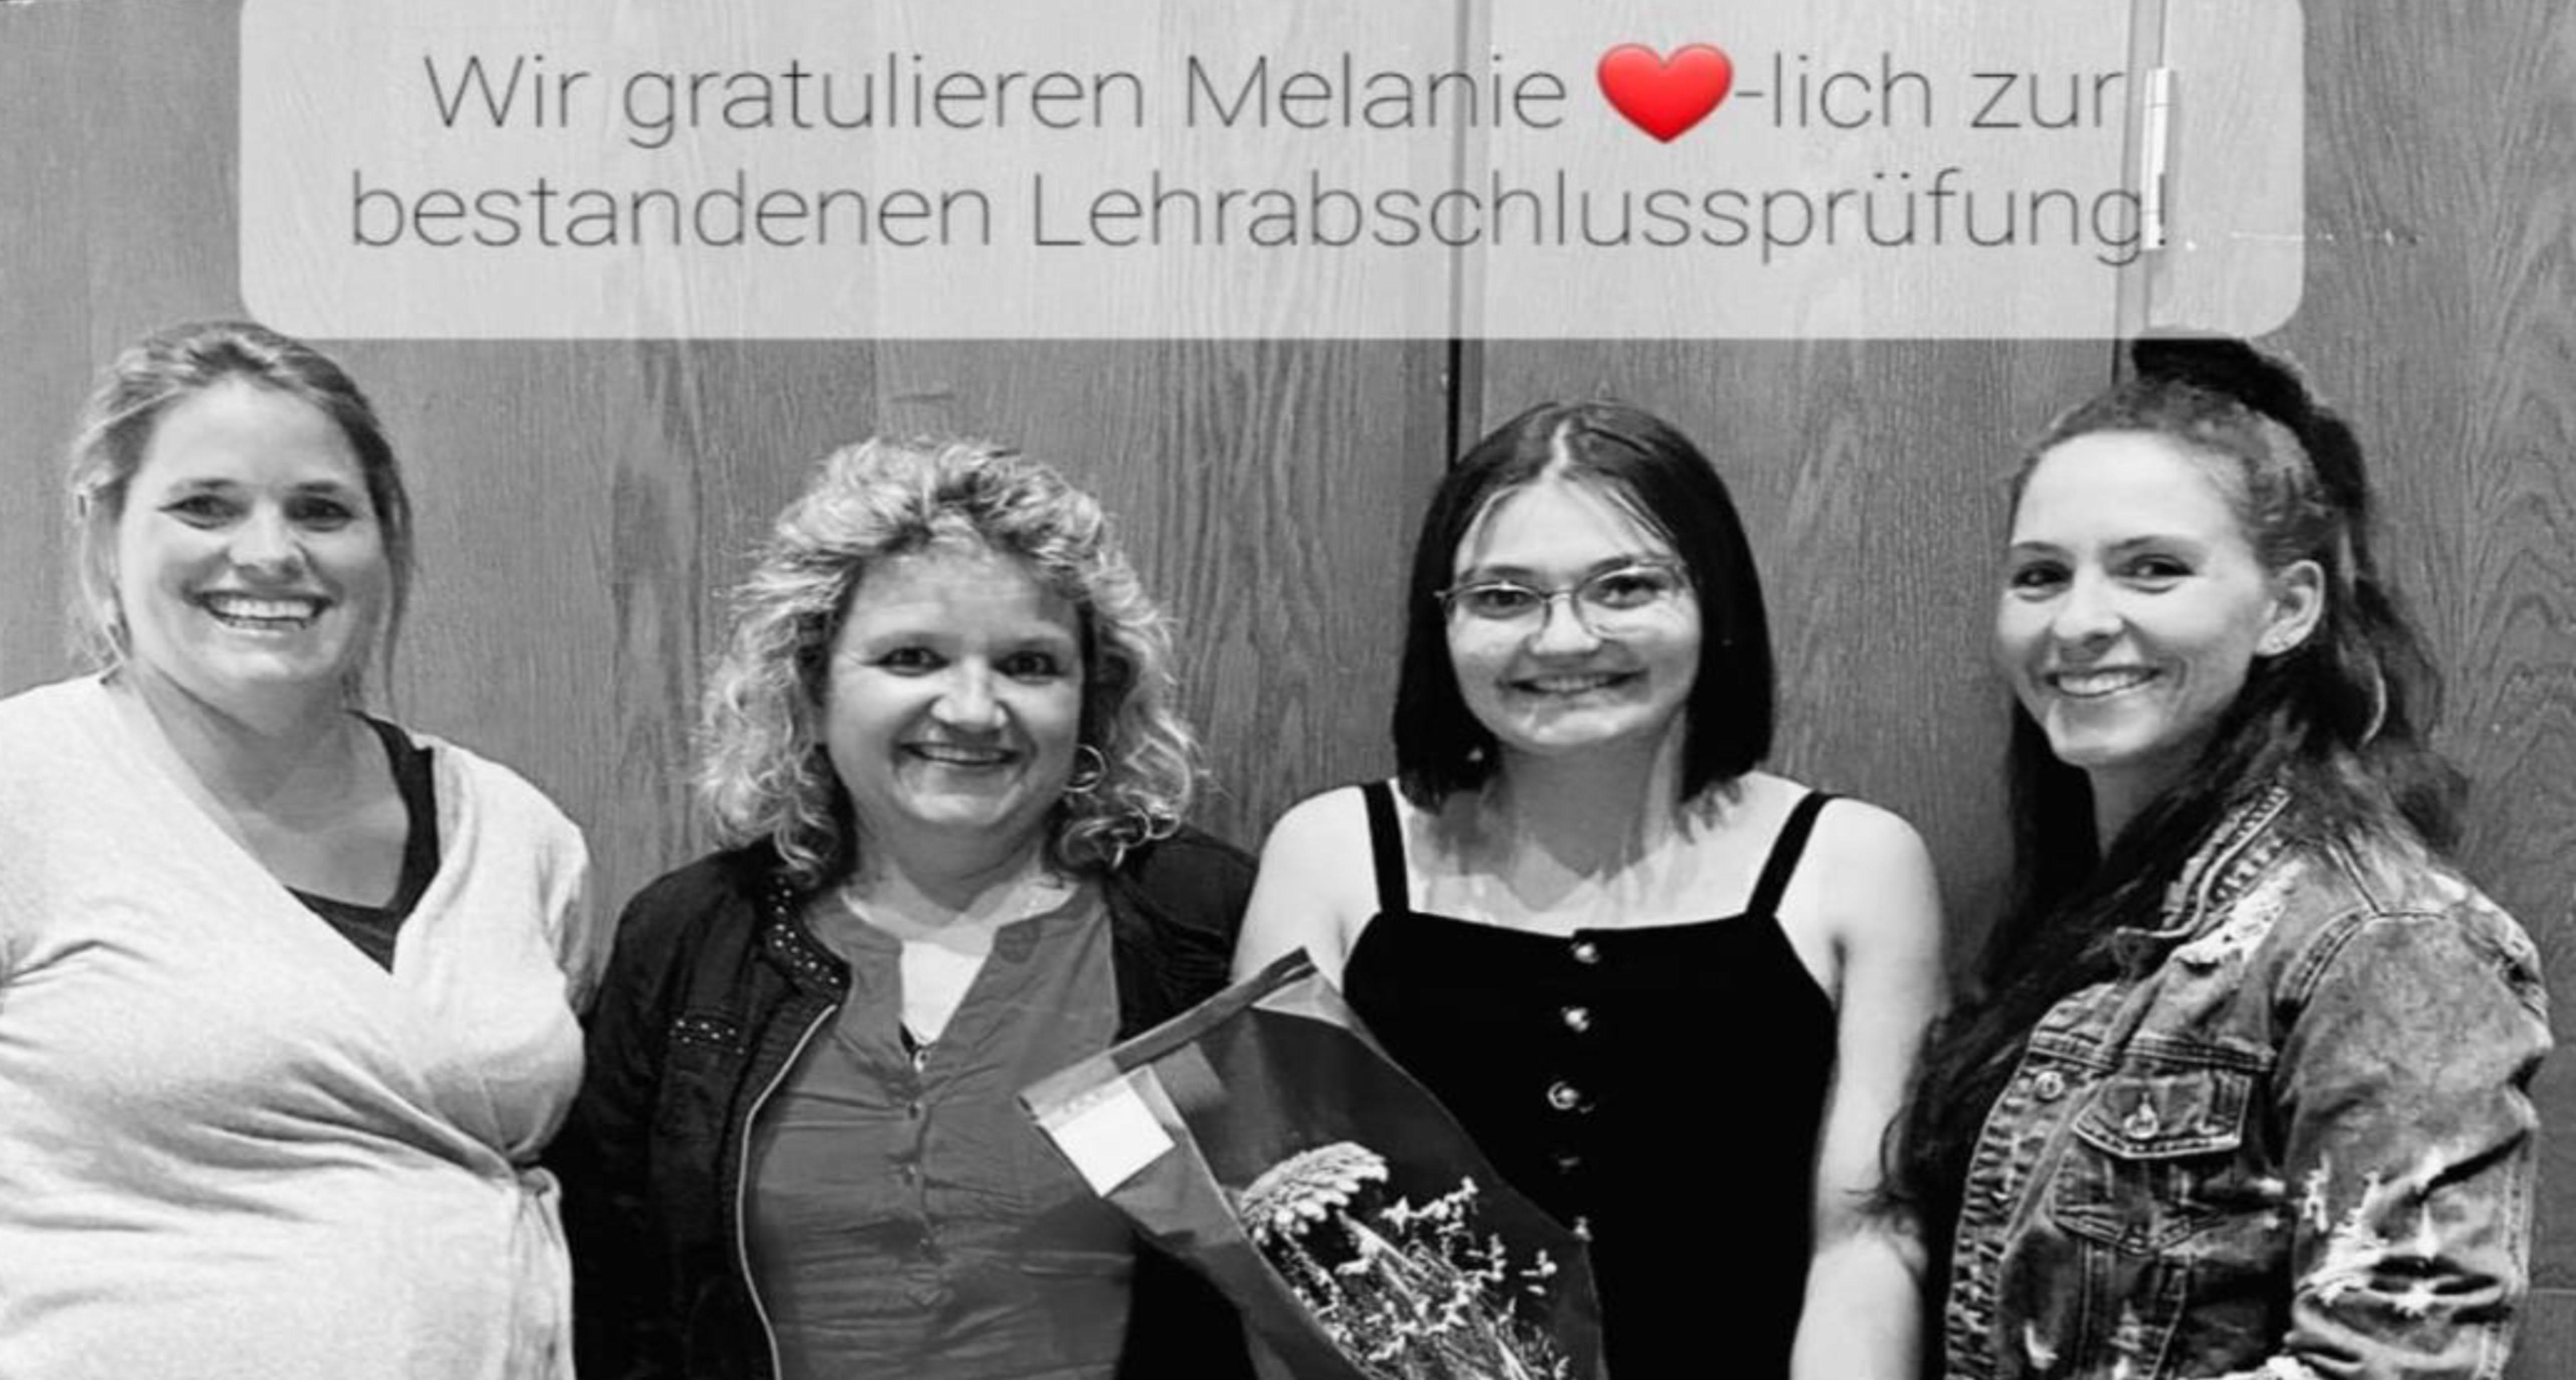 Buergin_Baeckerei_Lehrabschluss_Melanie_Gratulation